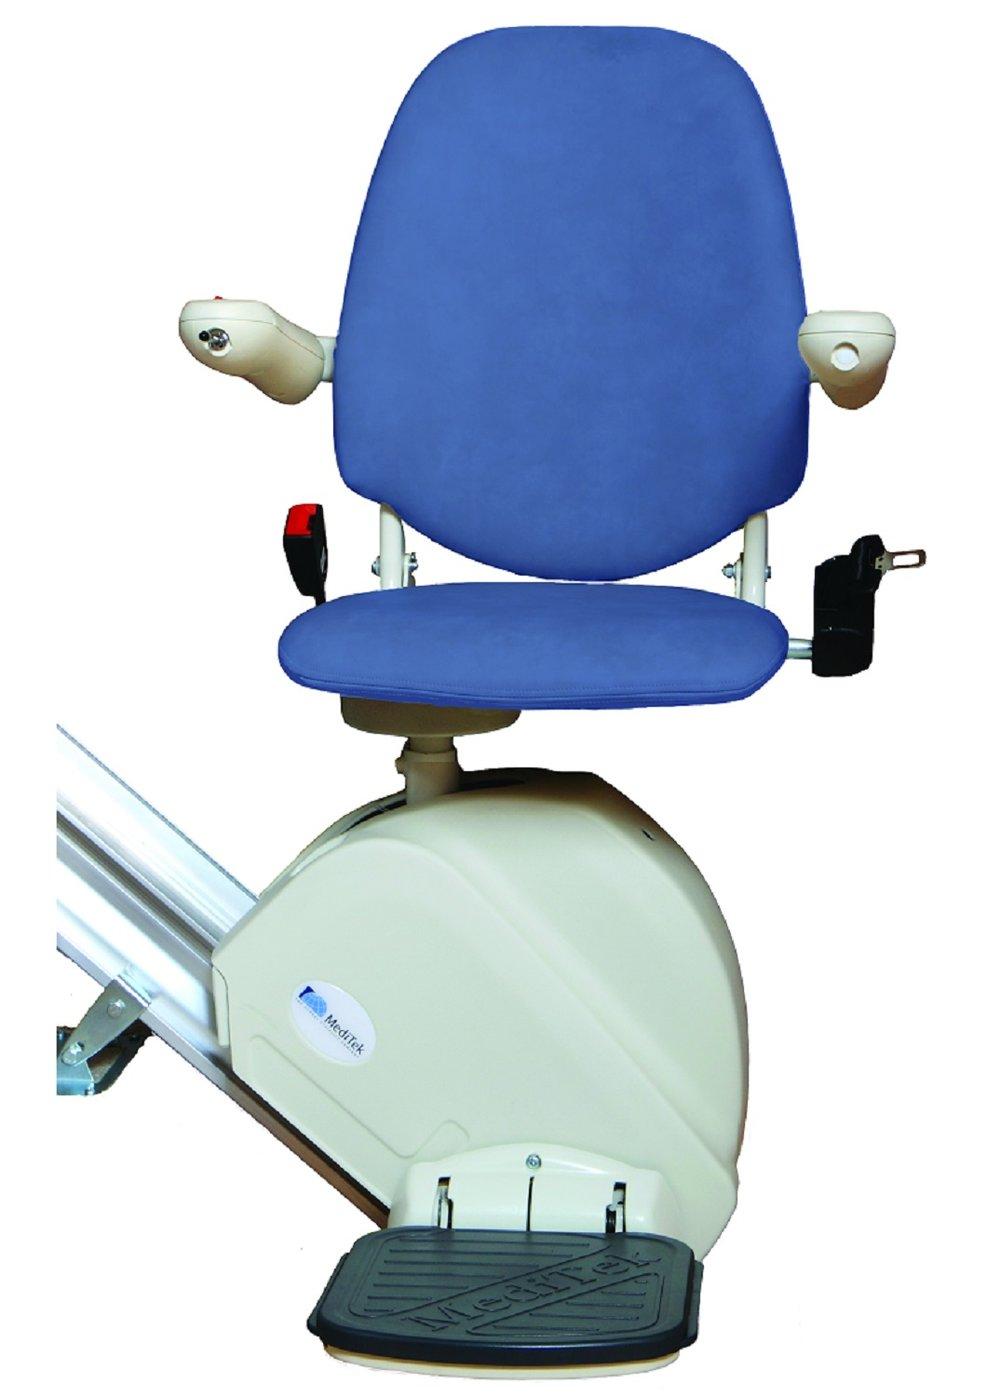 Meditek-D160-Stairlift-Seat.jpg